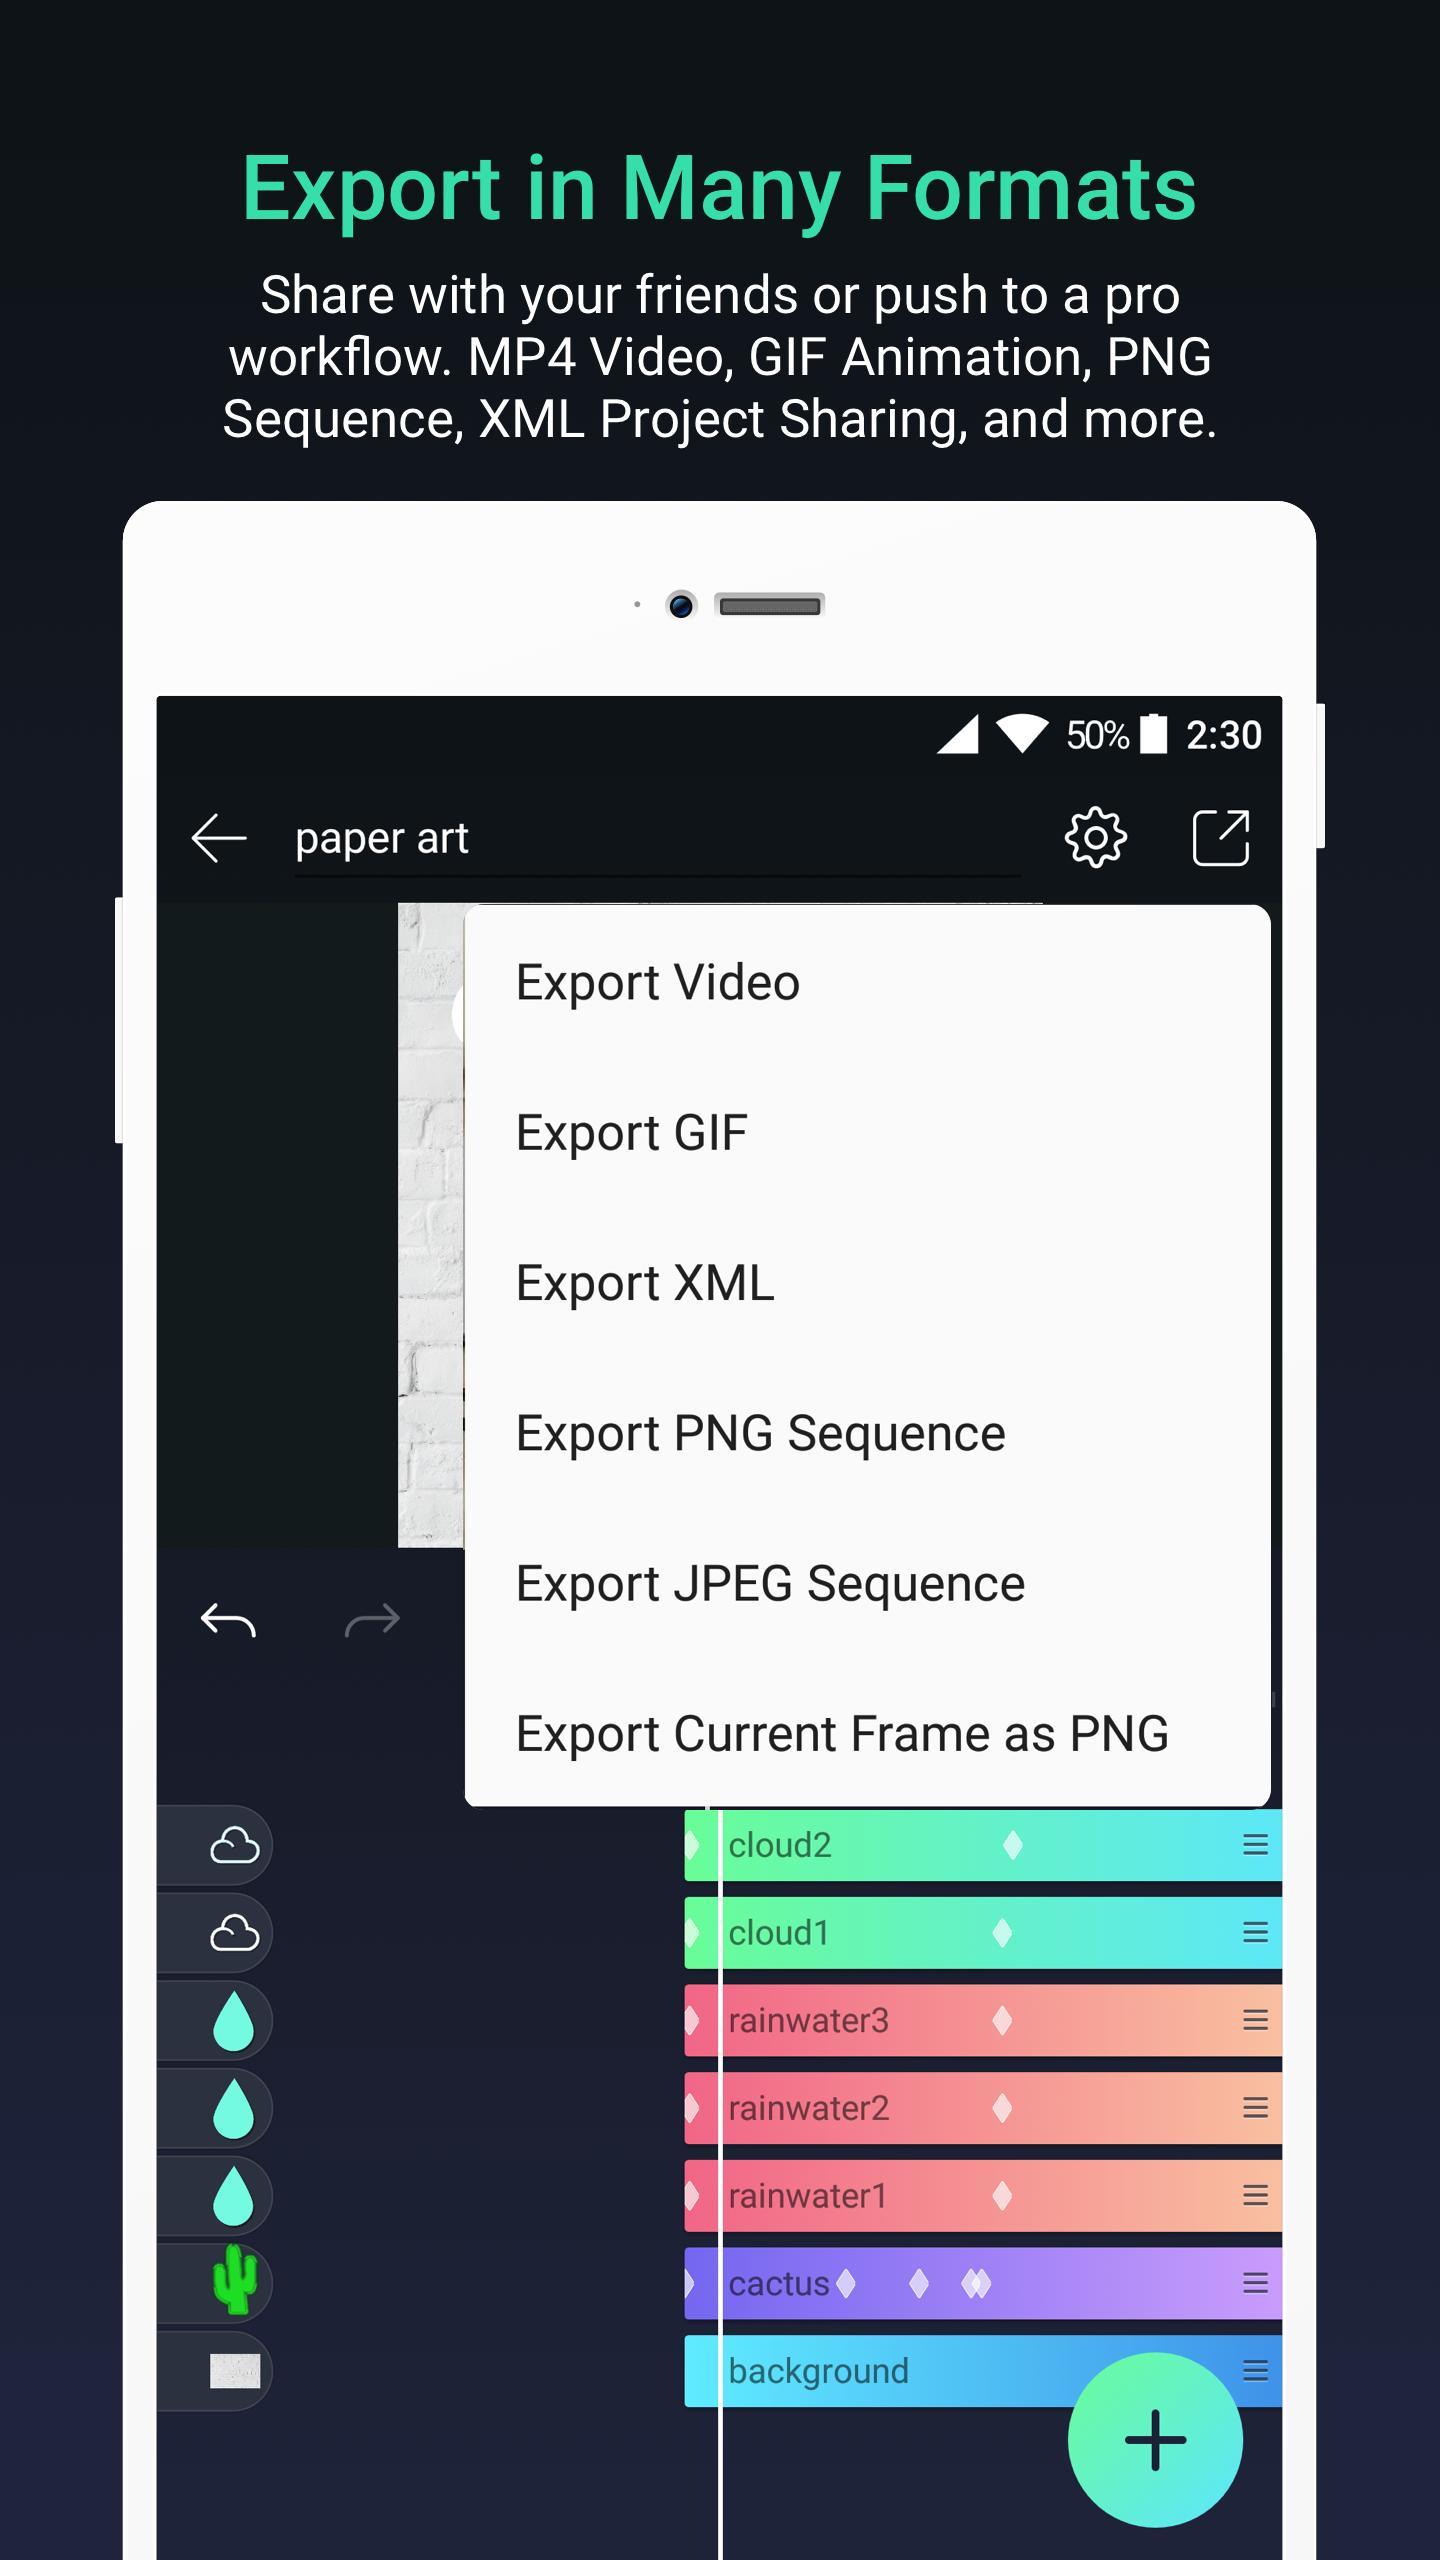 Memungkinkan-Export-File-dalam-Banyak-Format